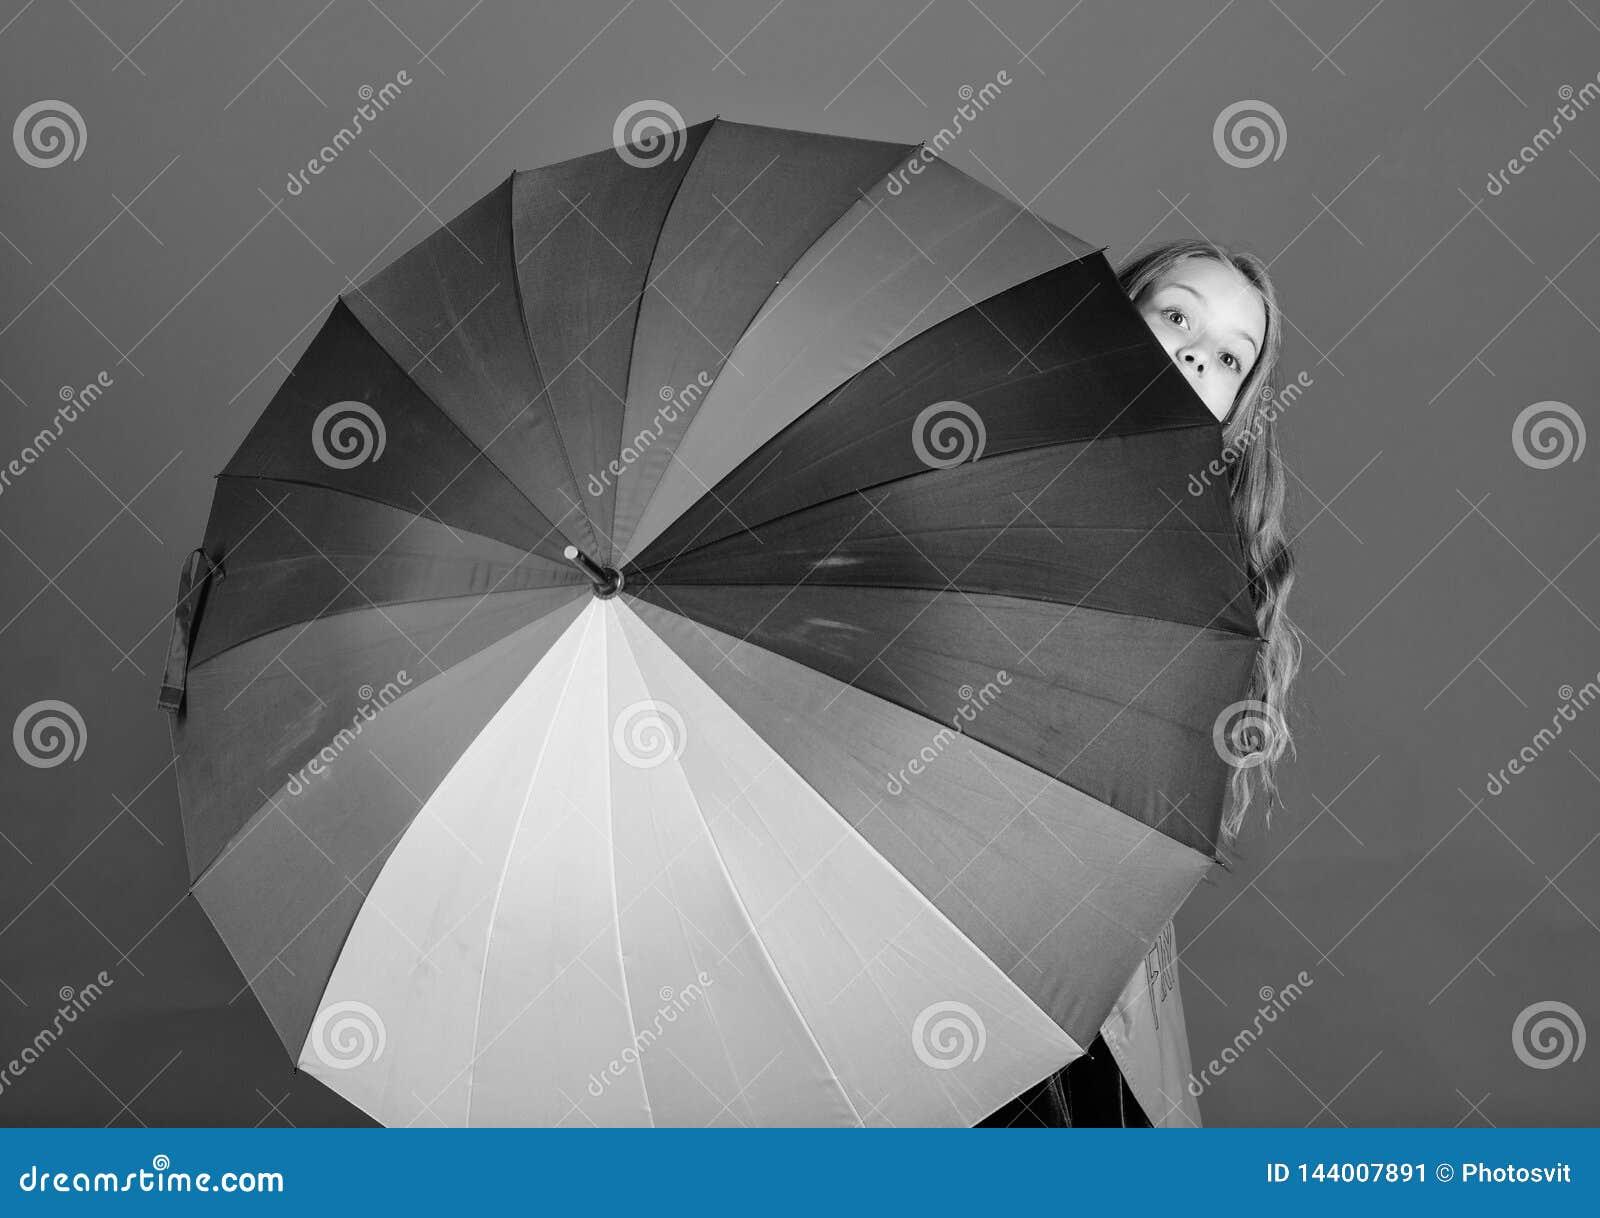 Тайник девушки жизнерадостный за зонтиком Красочный аксессуар зонтика Концепция прогноза погоды Дождливое пребывания положительно